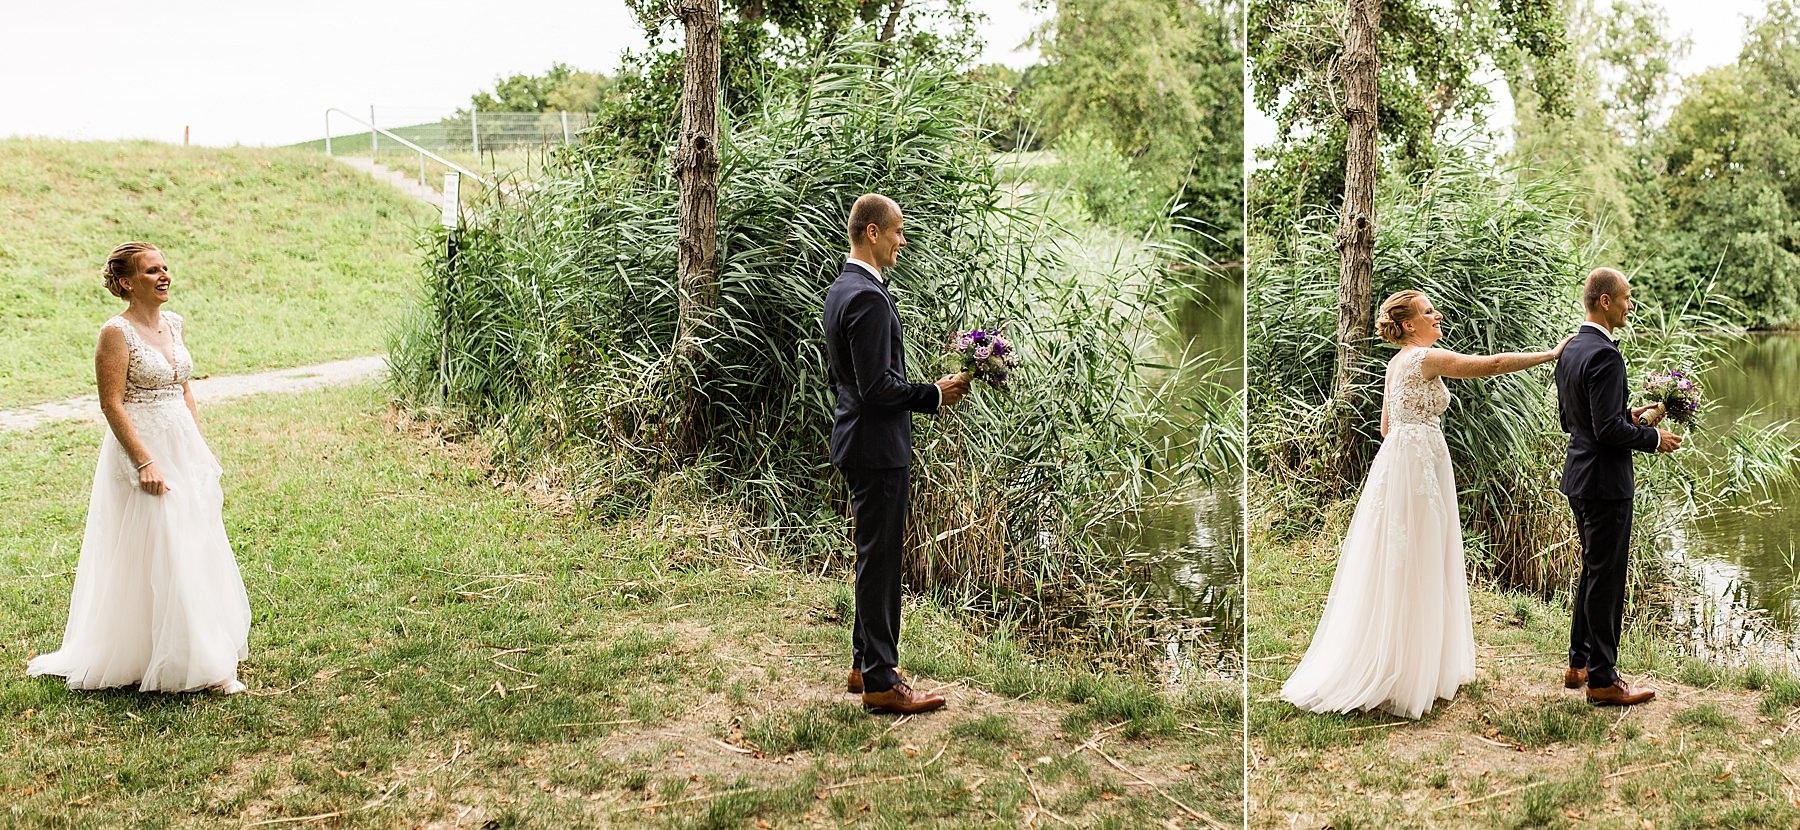 First Look bei einer Hochzeit in heilbronn am See